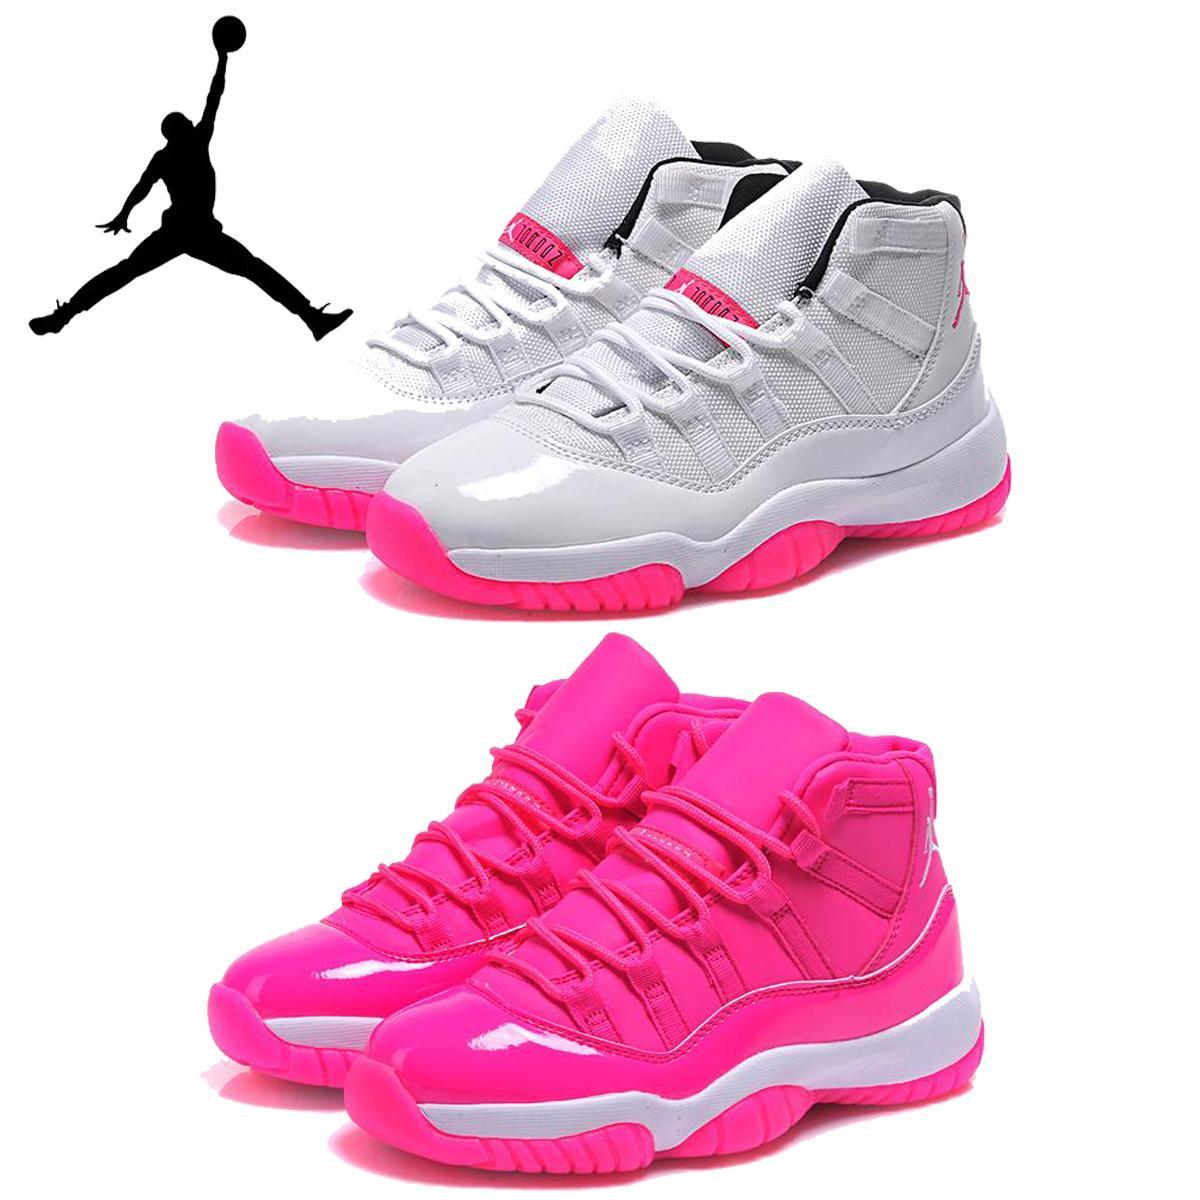 the latest 44951 d7901 Großhandel Lady Nike Air Jordan 11 Basketball Schuhe Der Frauen Retros Xi  Pink Basketball Schuh Mädchen Sport Schuhe Grau Bequeme Turnschuhe Von ...